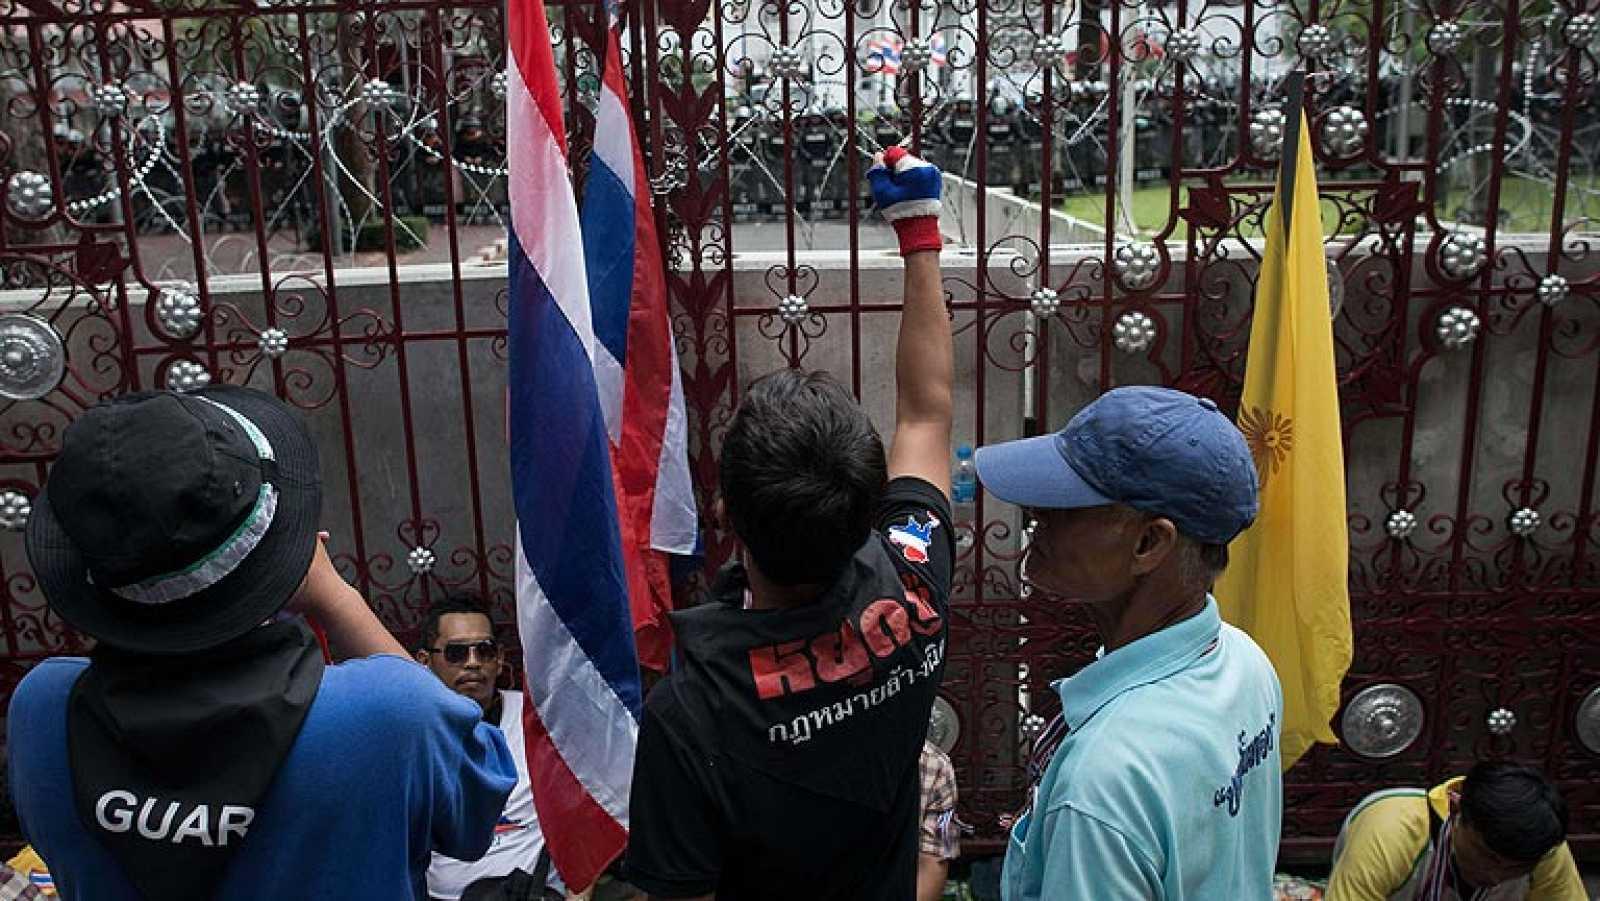 Los manifestantes tailandeses entran en la sede del Ejército